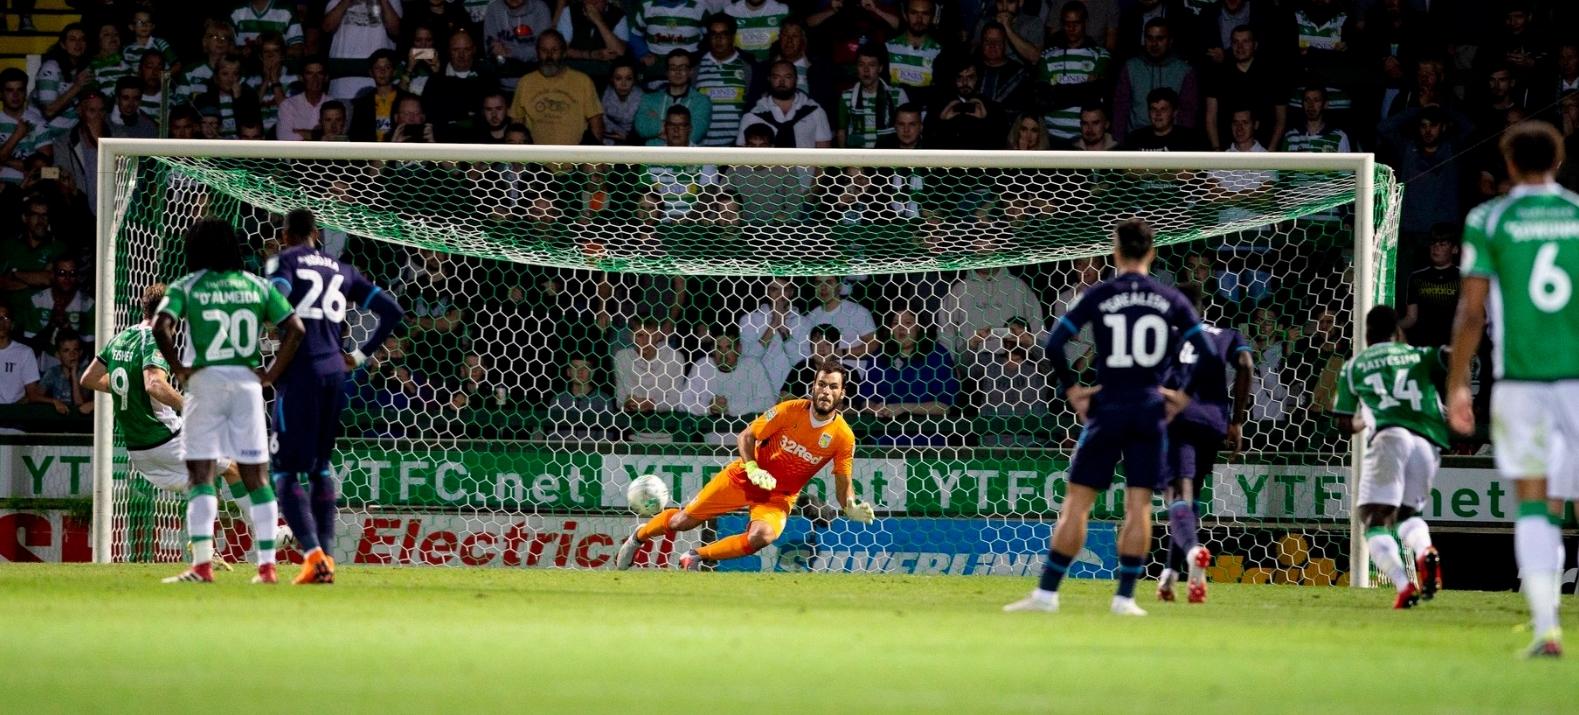 Andre Moreira Aston Villa